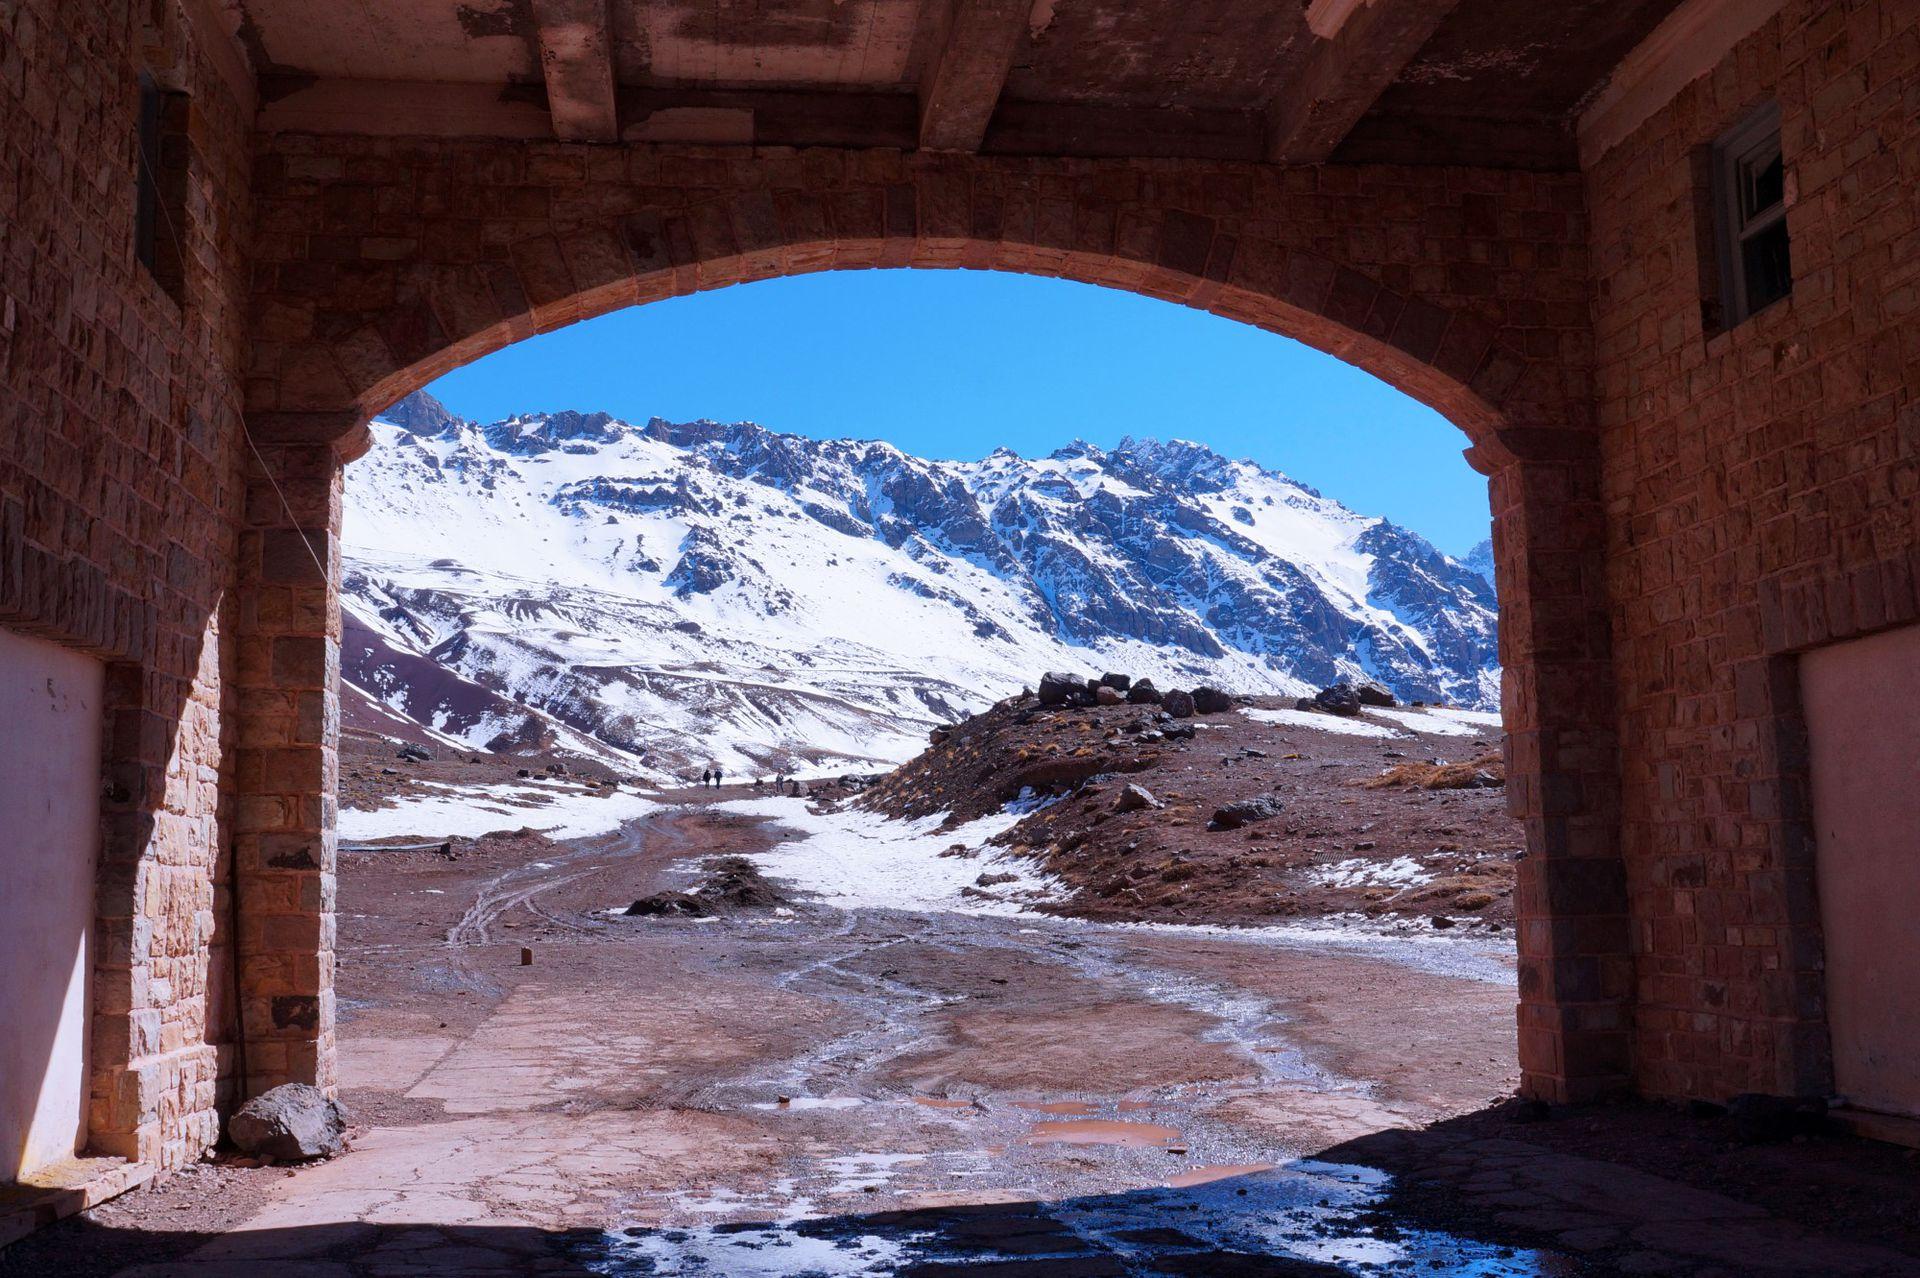 Montañas nevadas en Las Cuevas, Mendoza